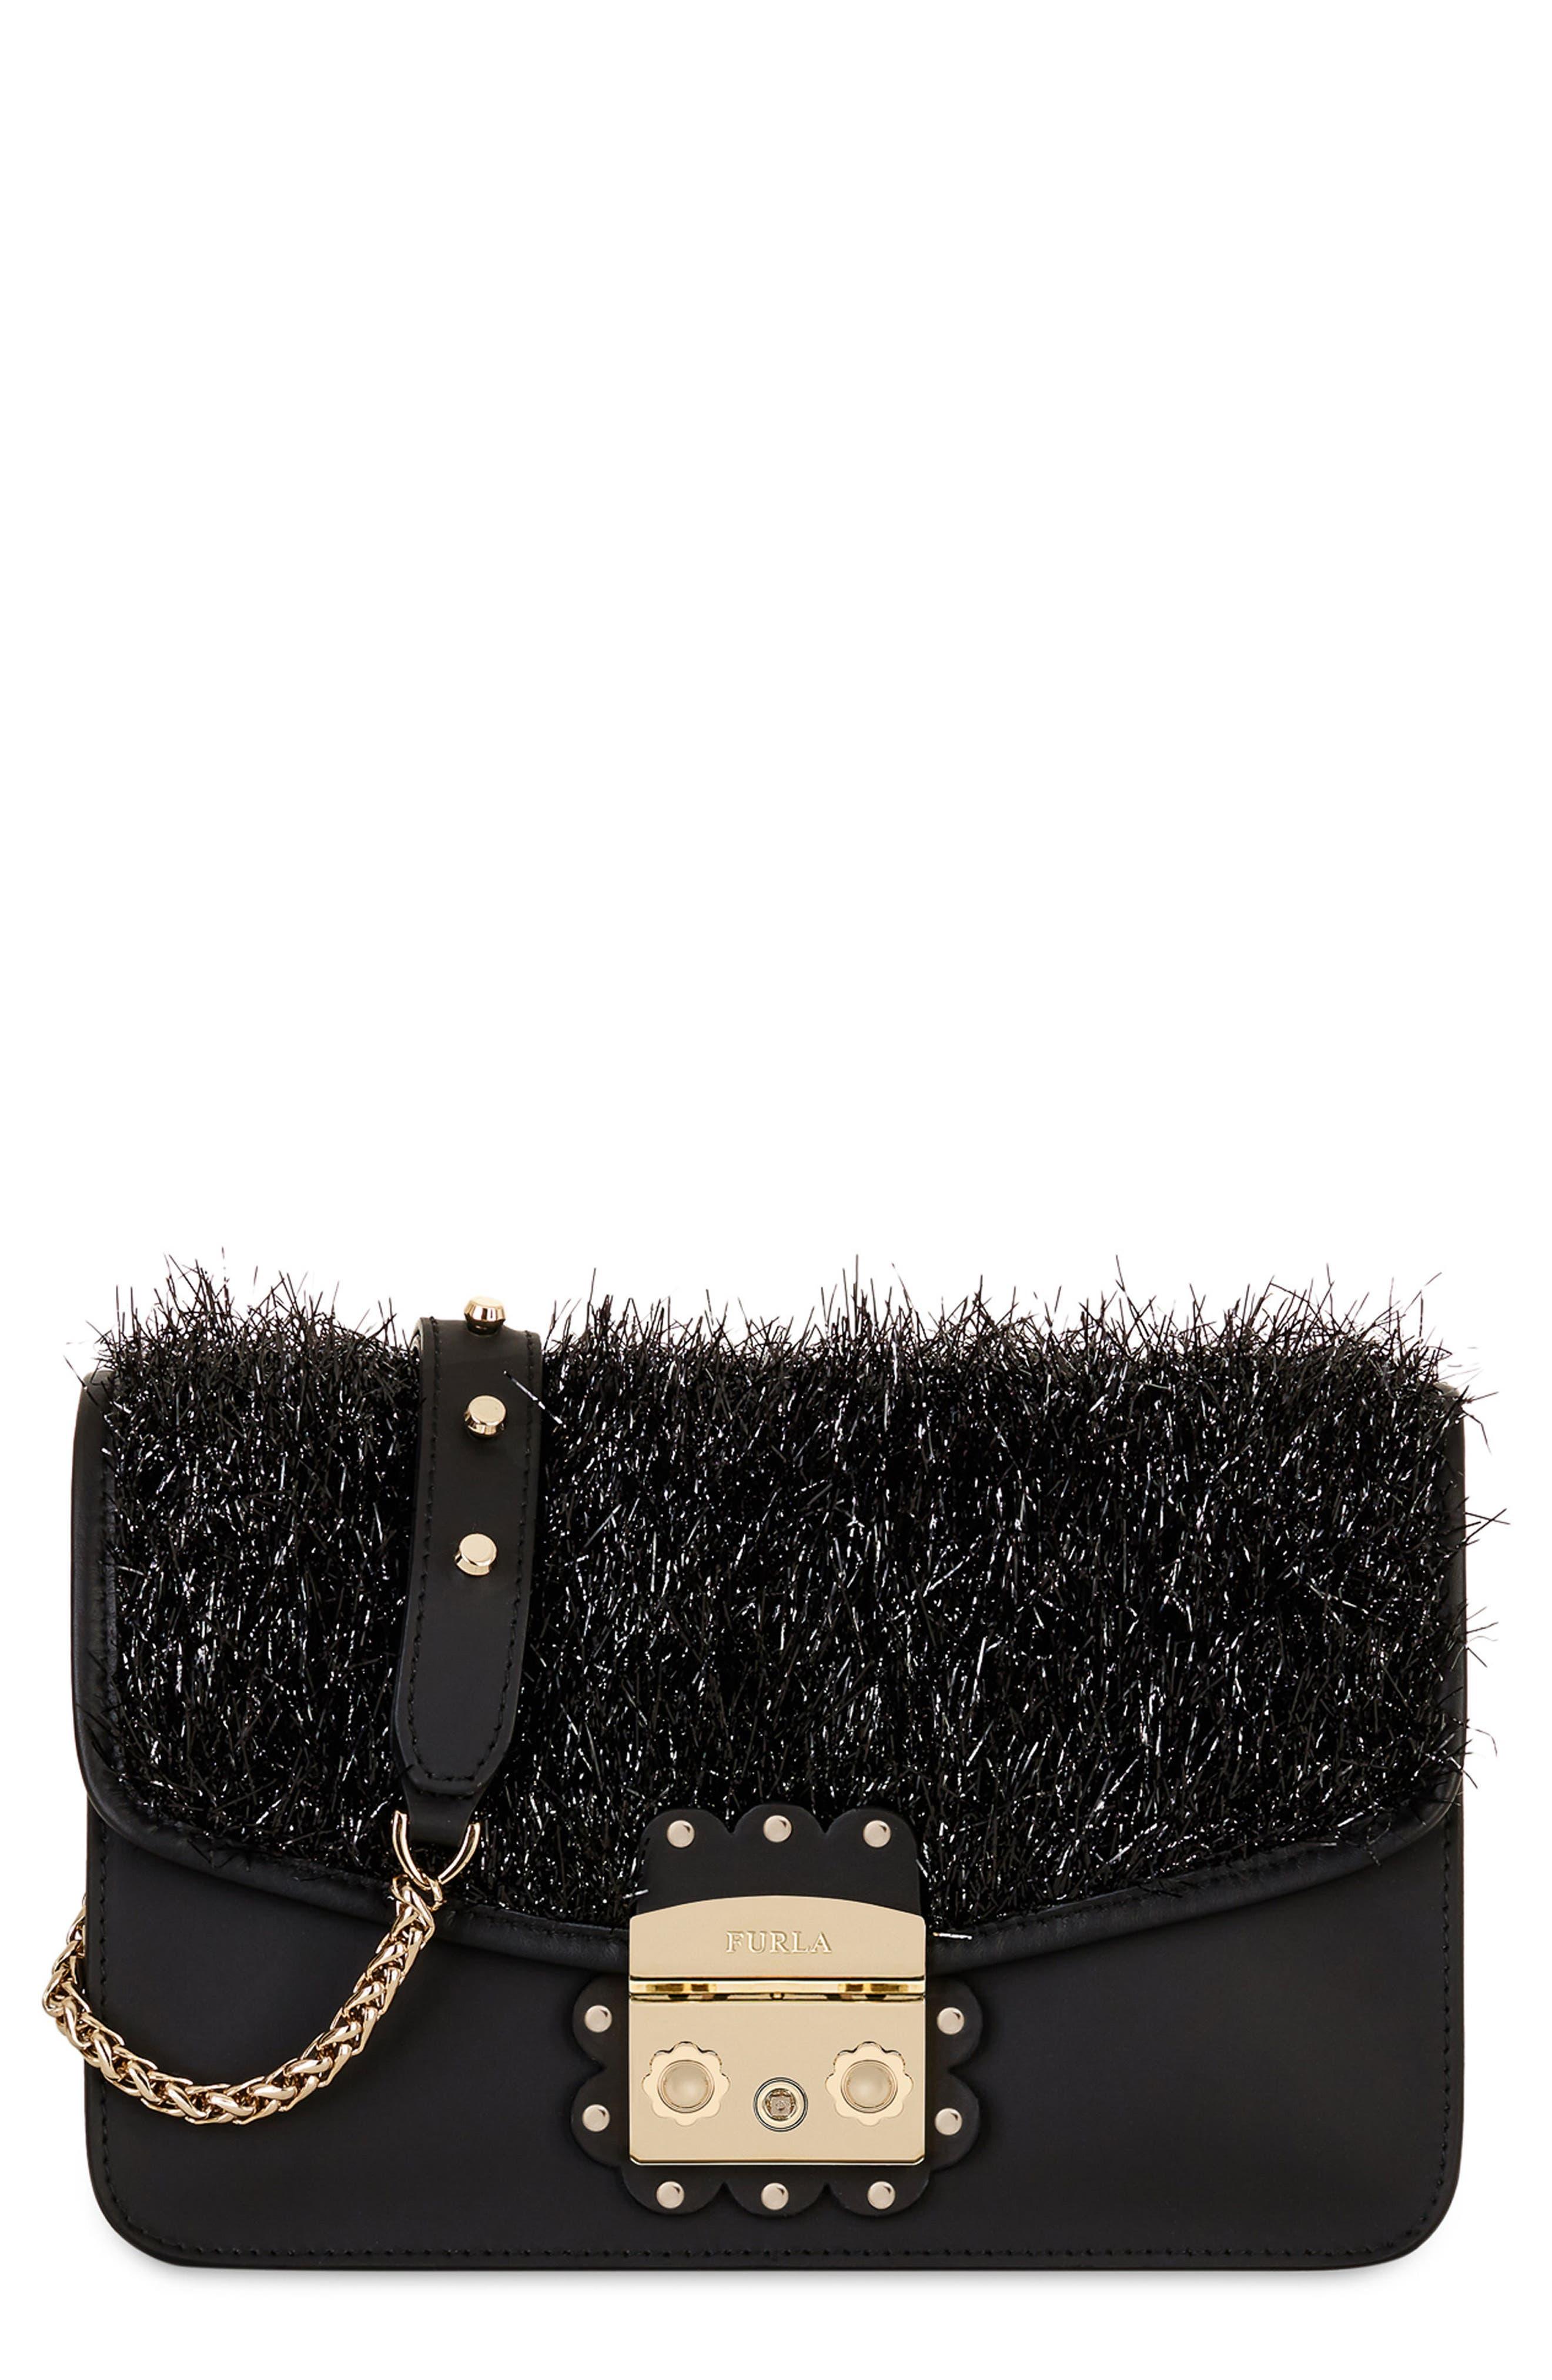 Metropolis Arabesque Leather Shoulder Bag,                             Main thumbnail 1, color,                             Onyx